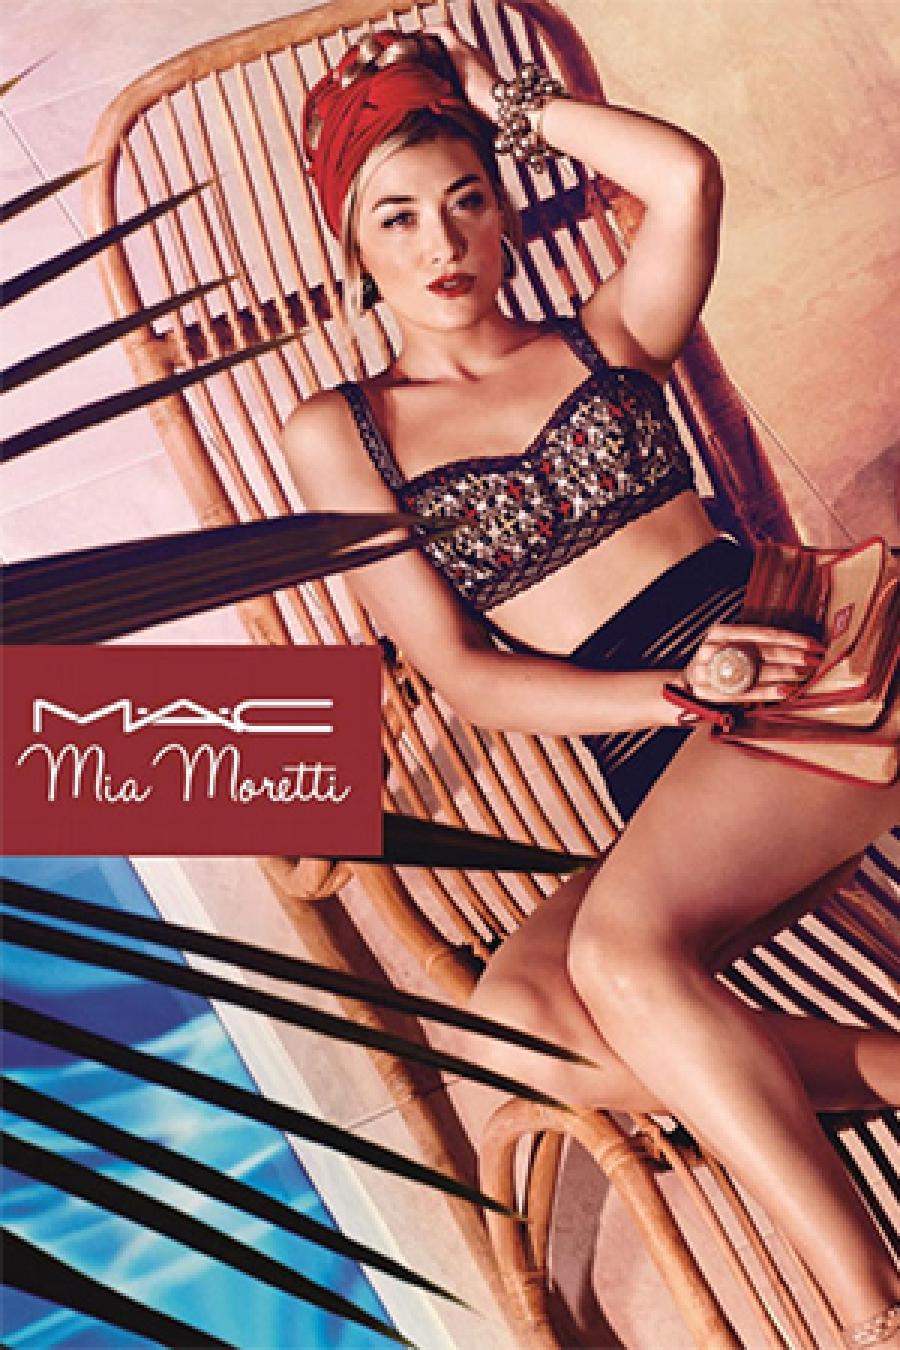 Mac mia fall moretti collection fotos